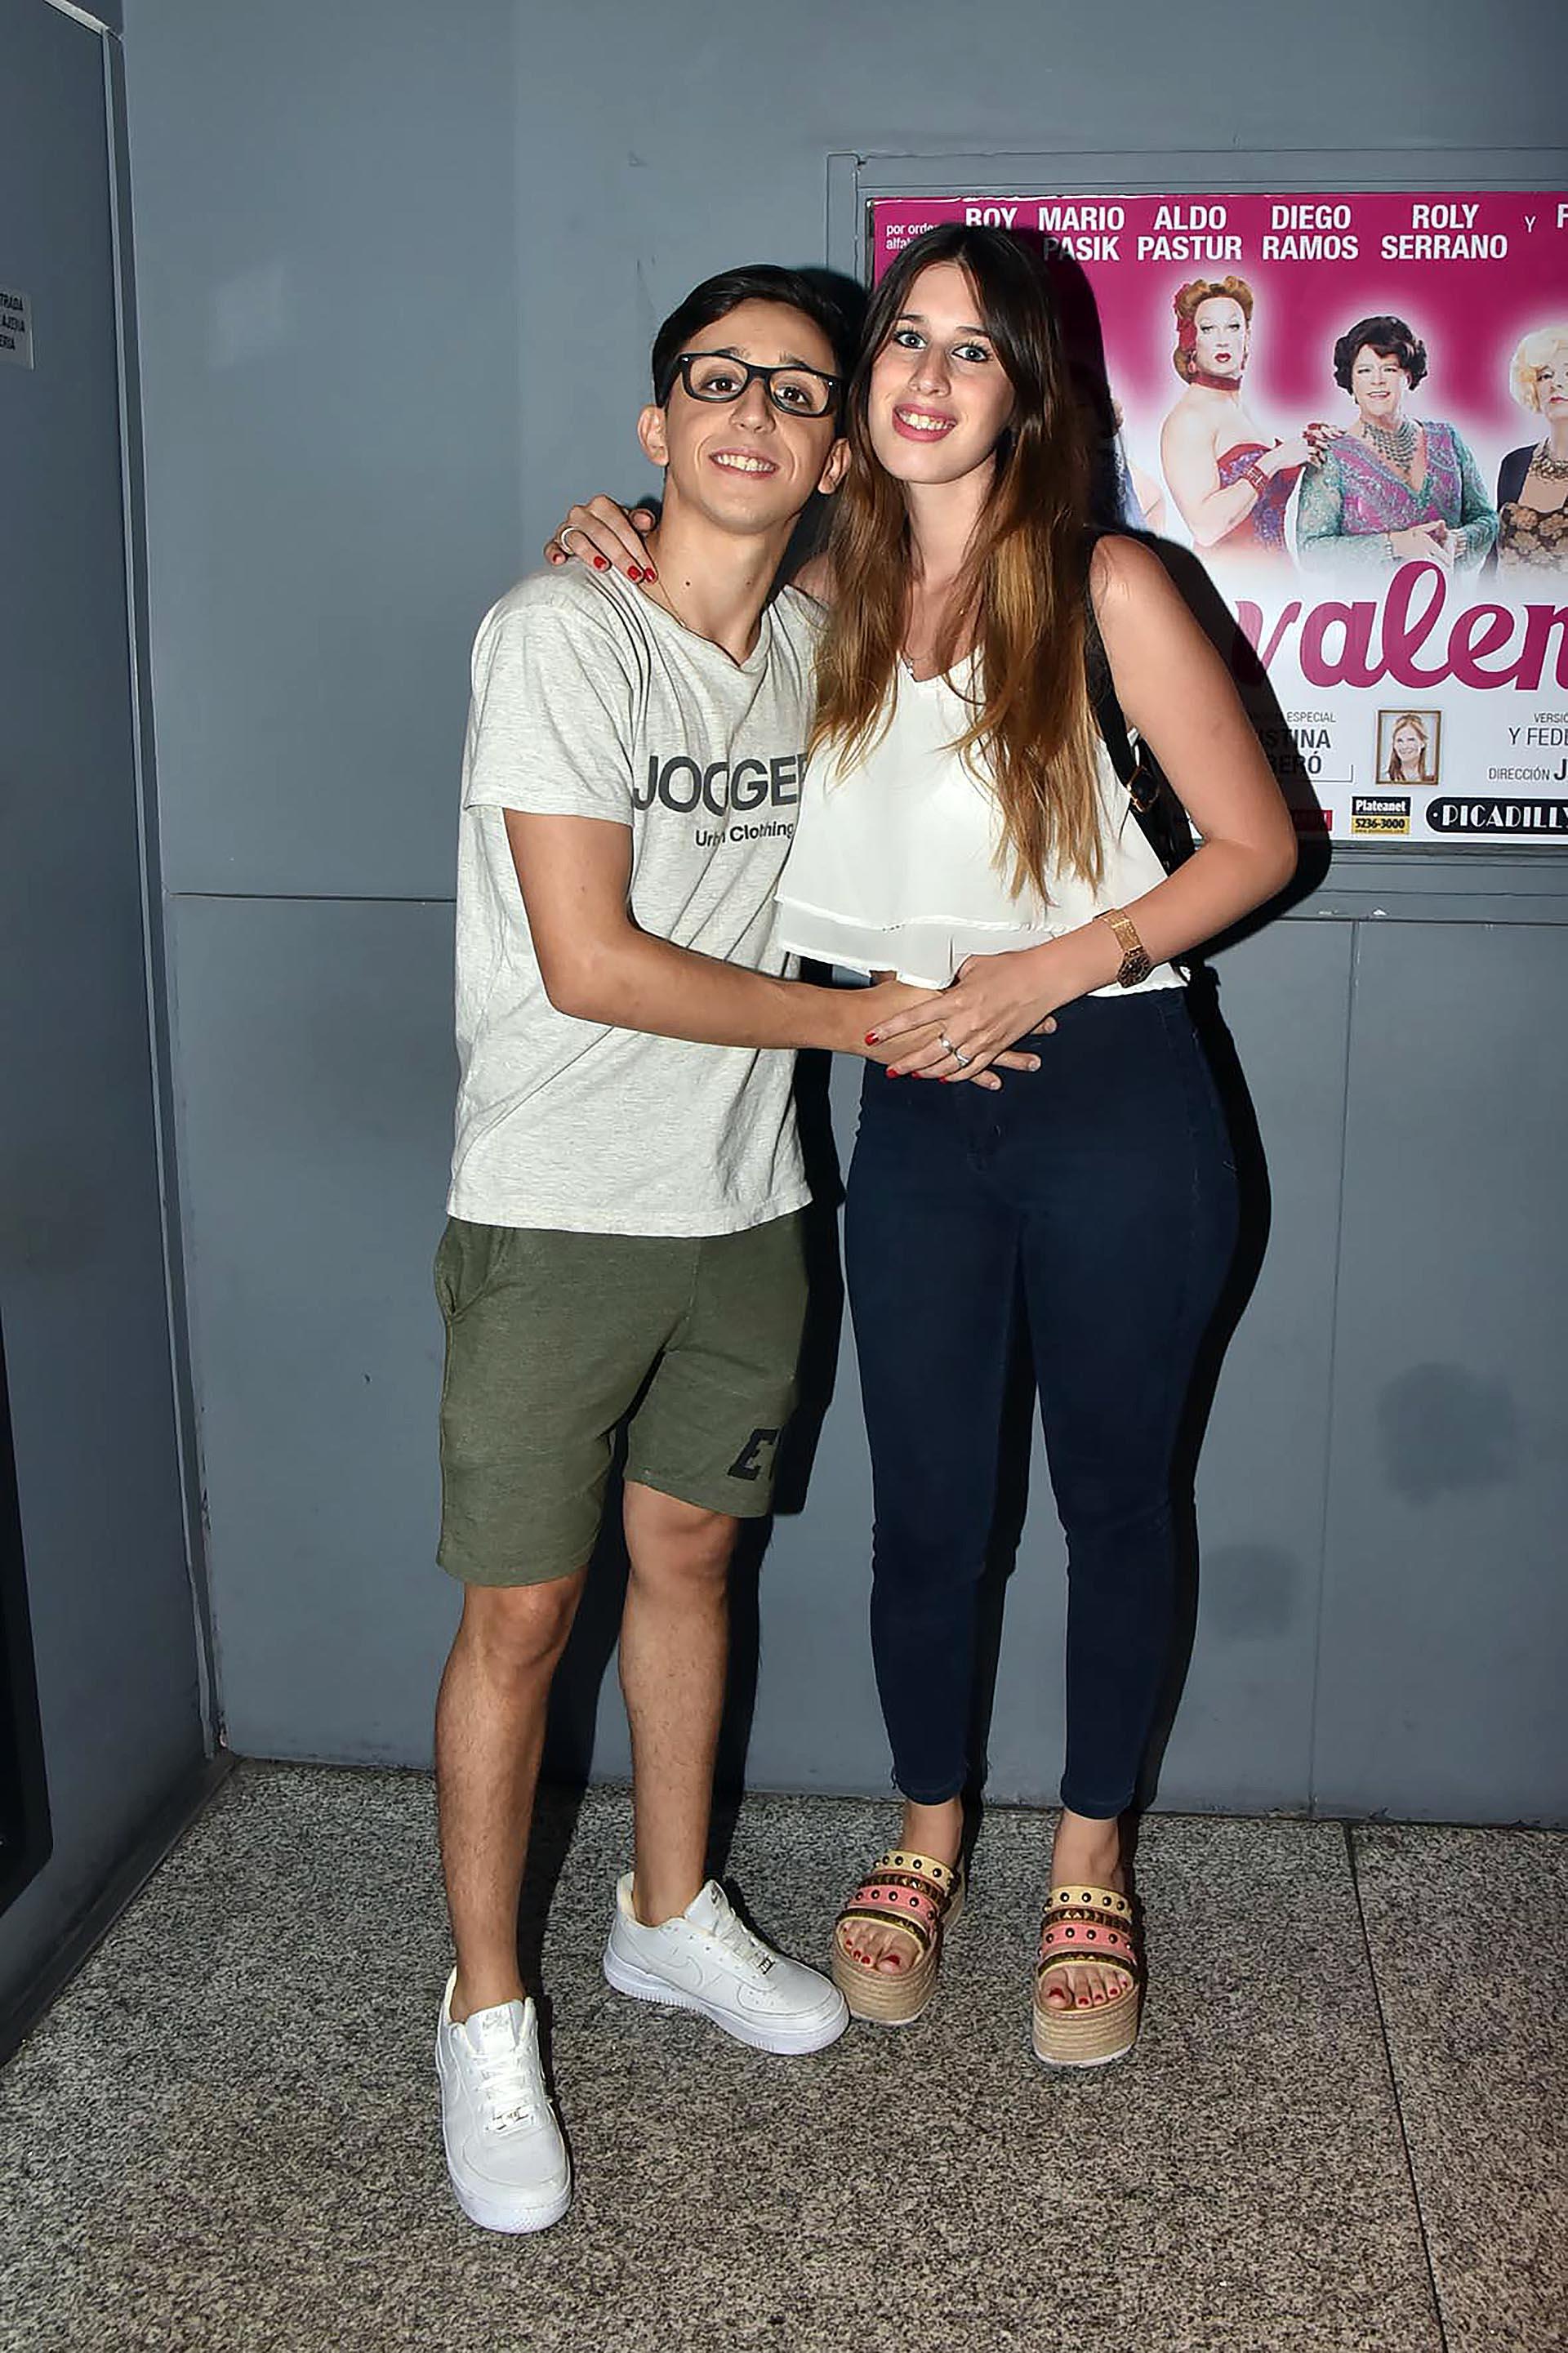 Rodrigo Noya y su novia Sofía Sorrenti